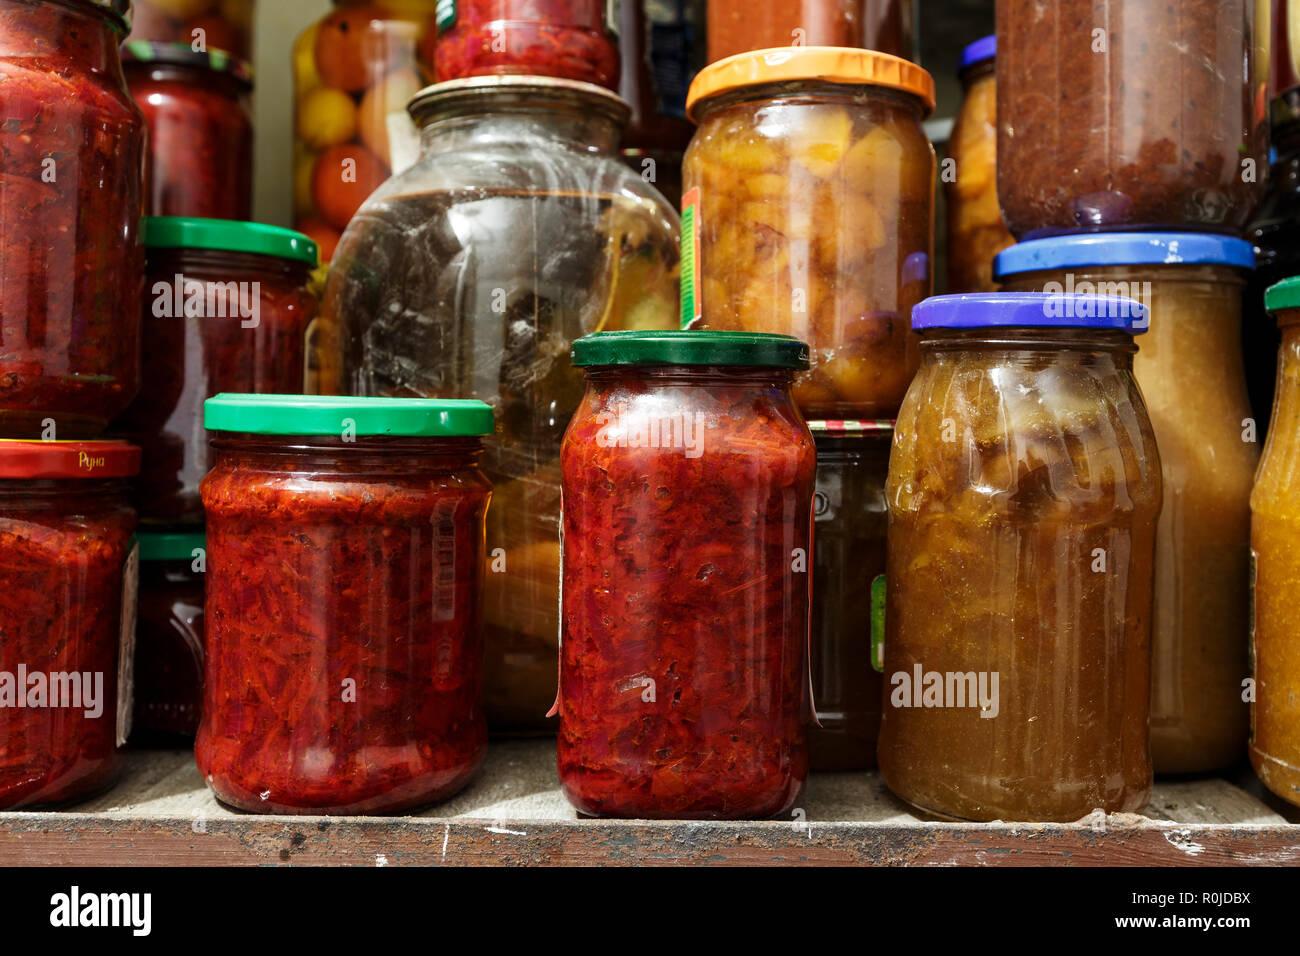 Contenitori Vetro Per Conserve un sacco di conserve di ortaggi in vasetti di vetro in